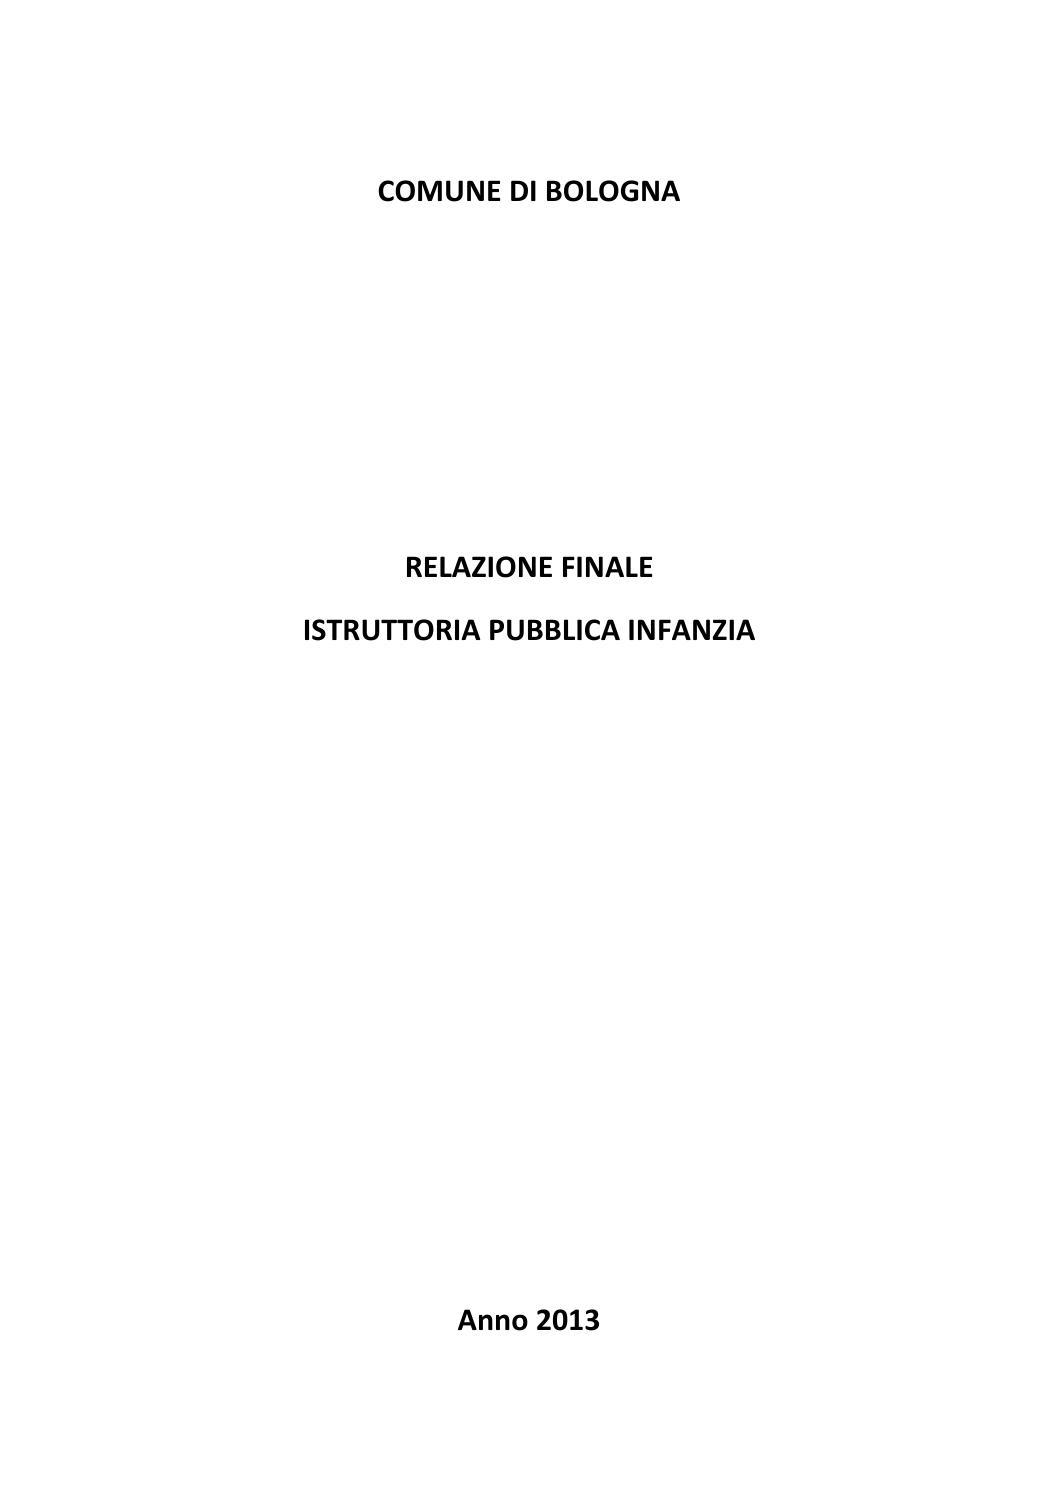 PUBBLICAZIONE DELLA RELAZIONE FINALE ISTRUTTORIA PUBBLICA INFANZIA